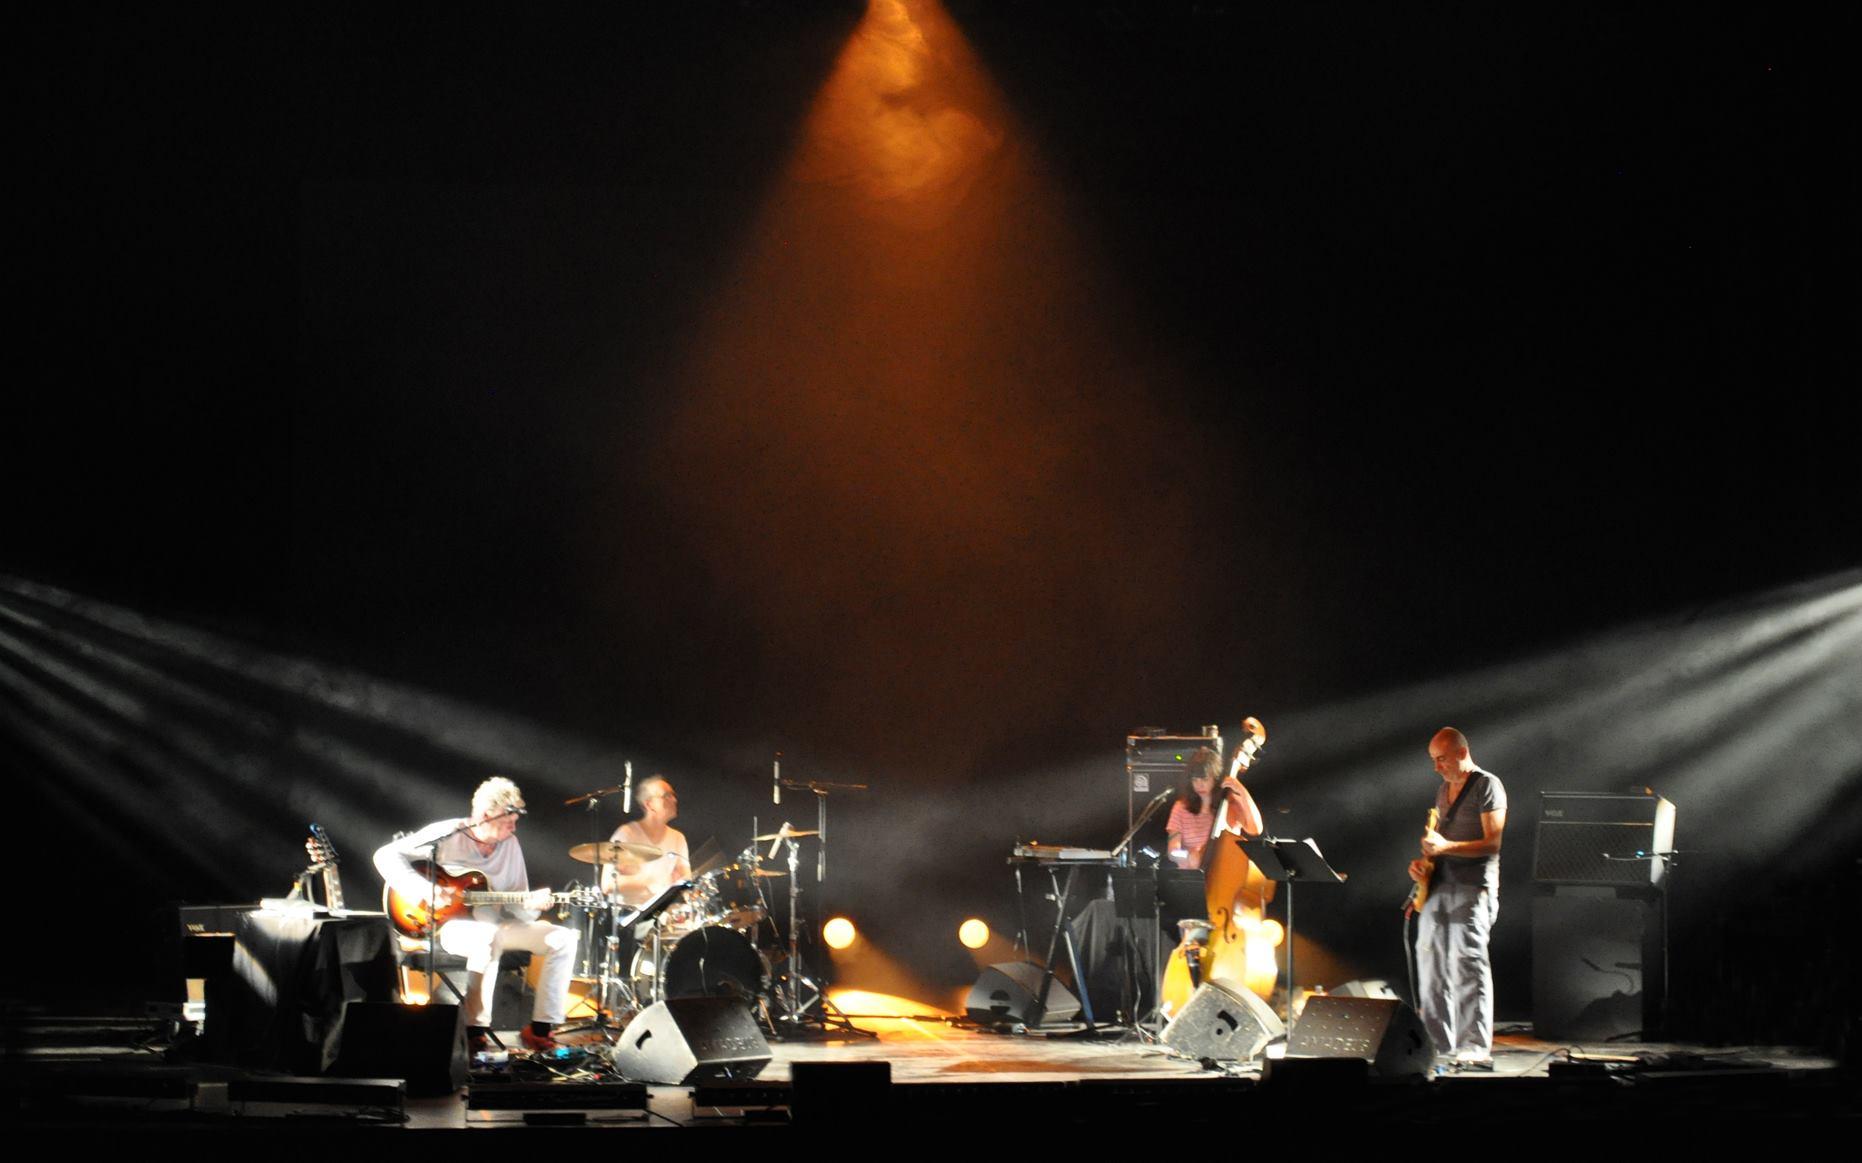 Blues, carte blanche, Serge Teyssot-Gay, Rodolphe Burger, guitare, Coplas, Cette guitare a une bouche, Sète